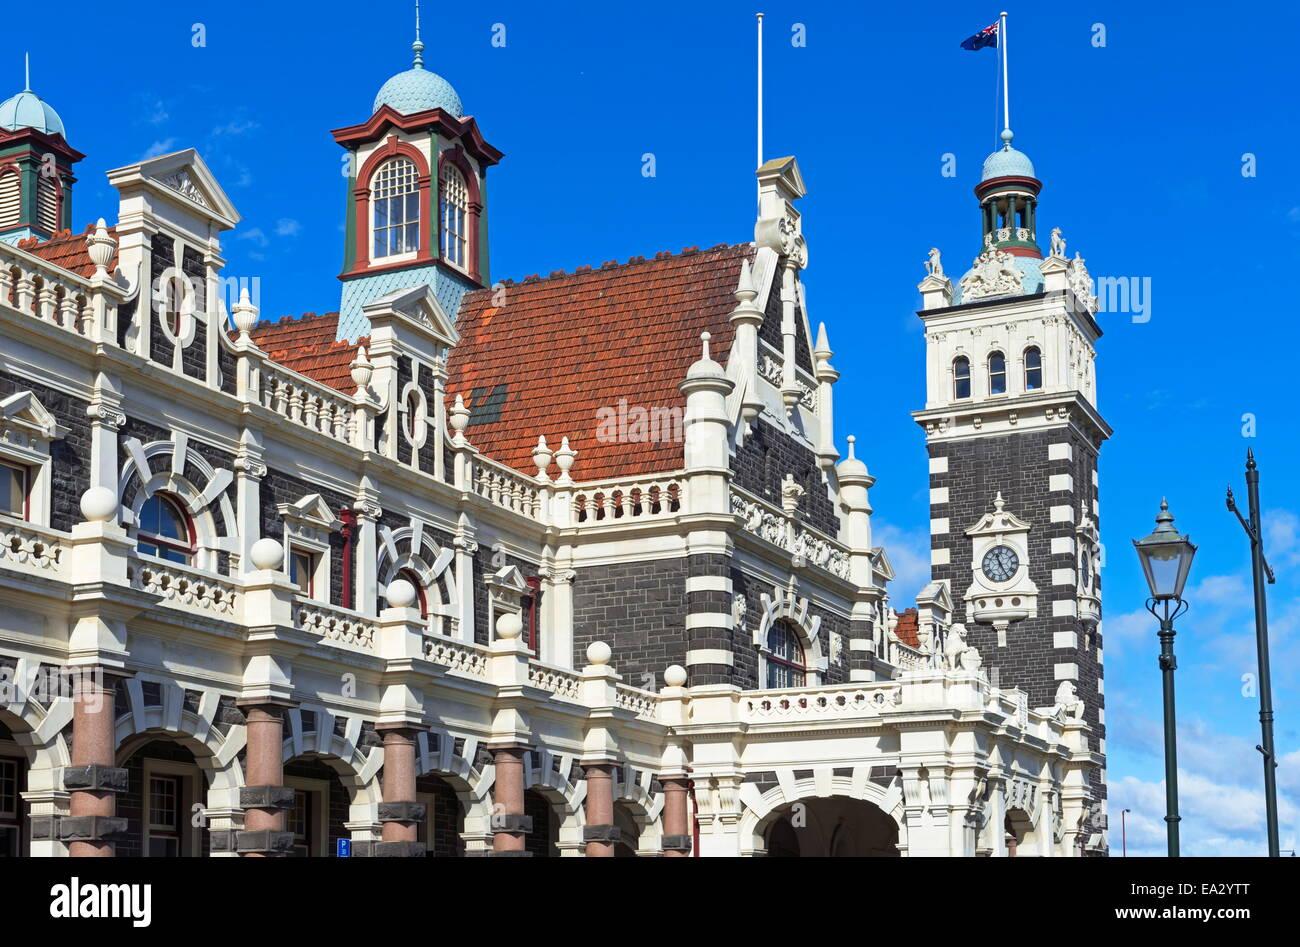 Dunedin Railway Station, Dunedin, Otago, Südinsel, Neuseeland, Pazifik Stockfoto